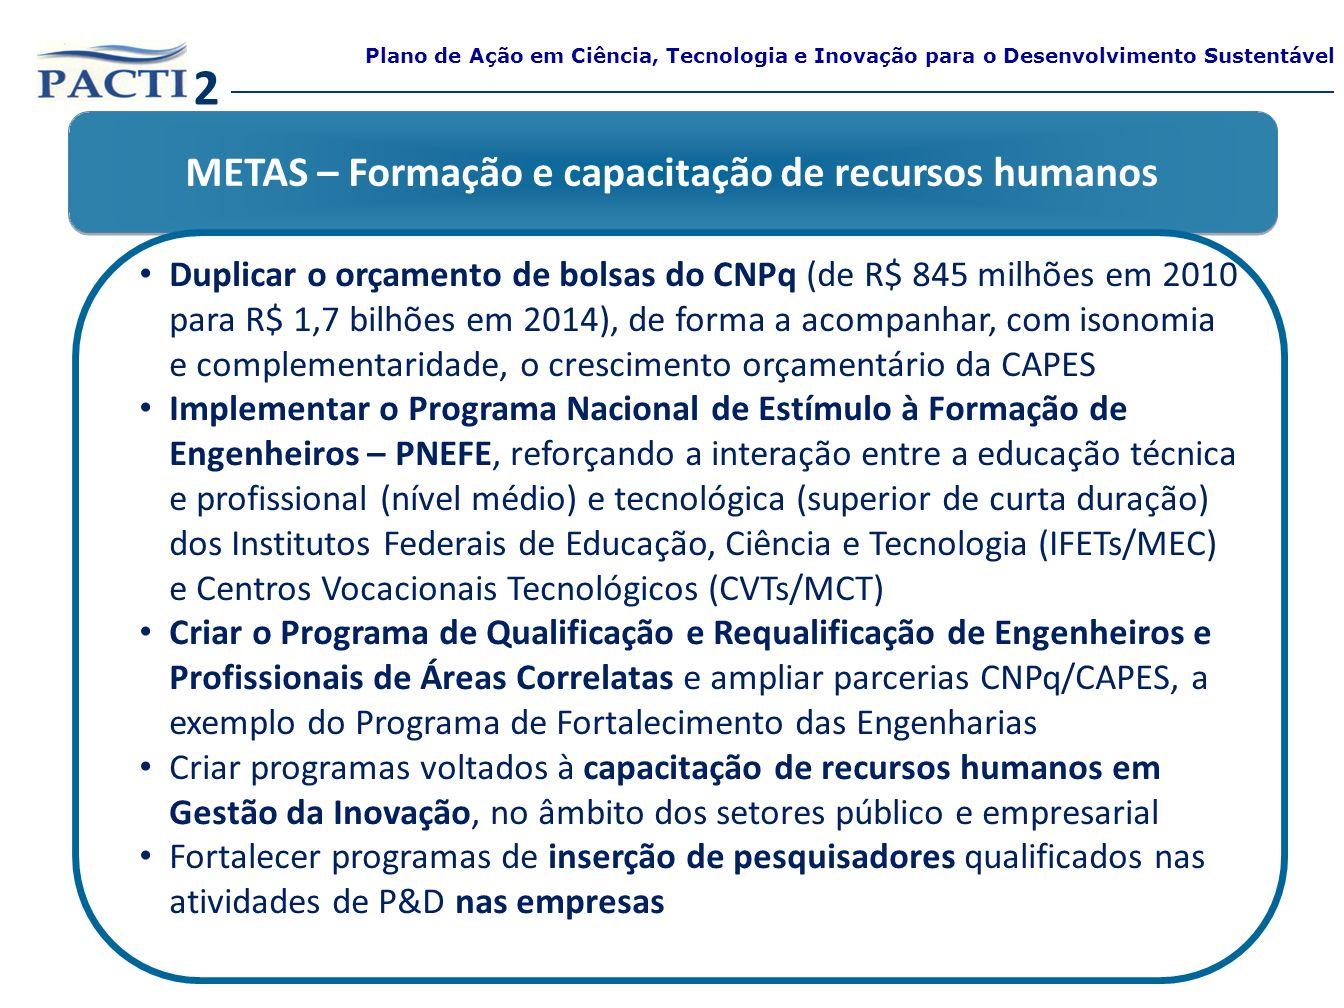 METAS – Formação e capacitação de recursos humanos